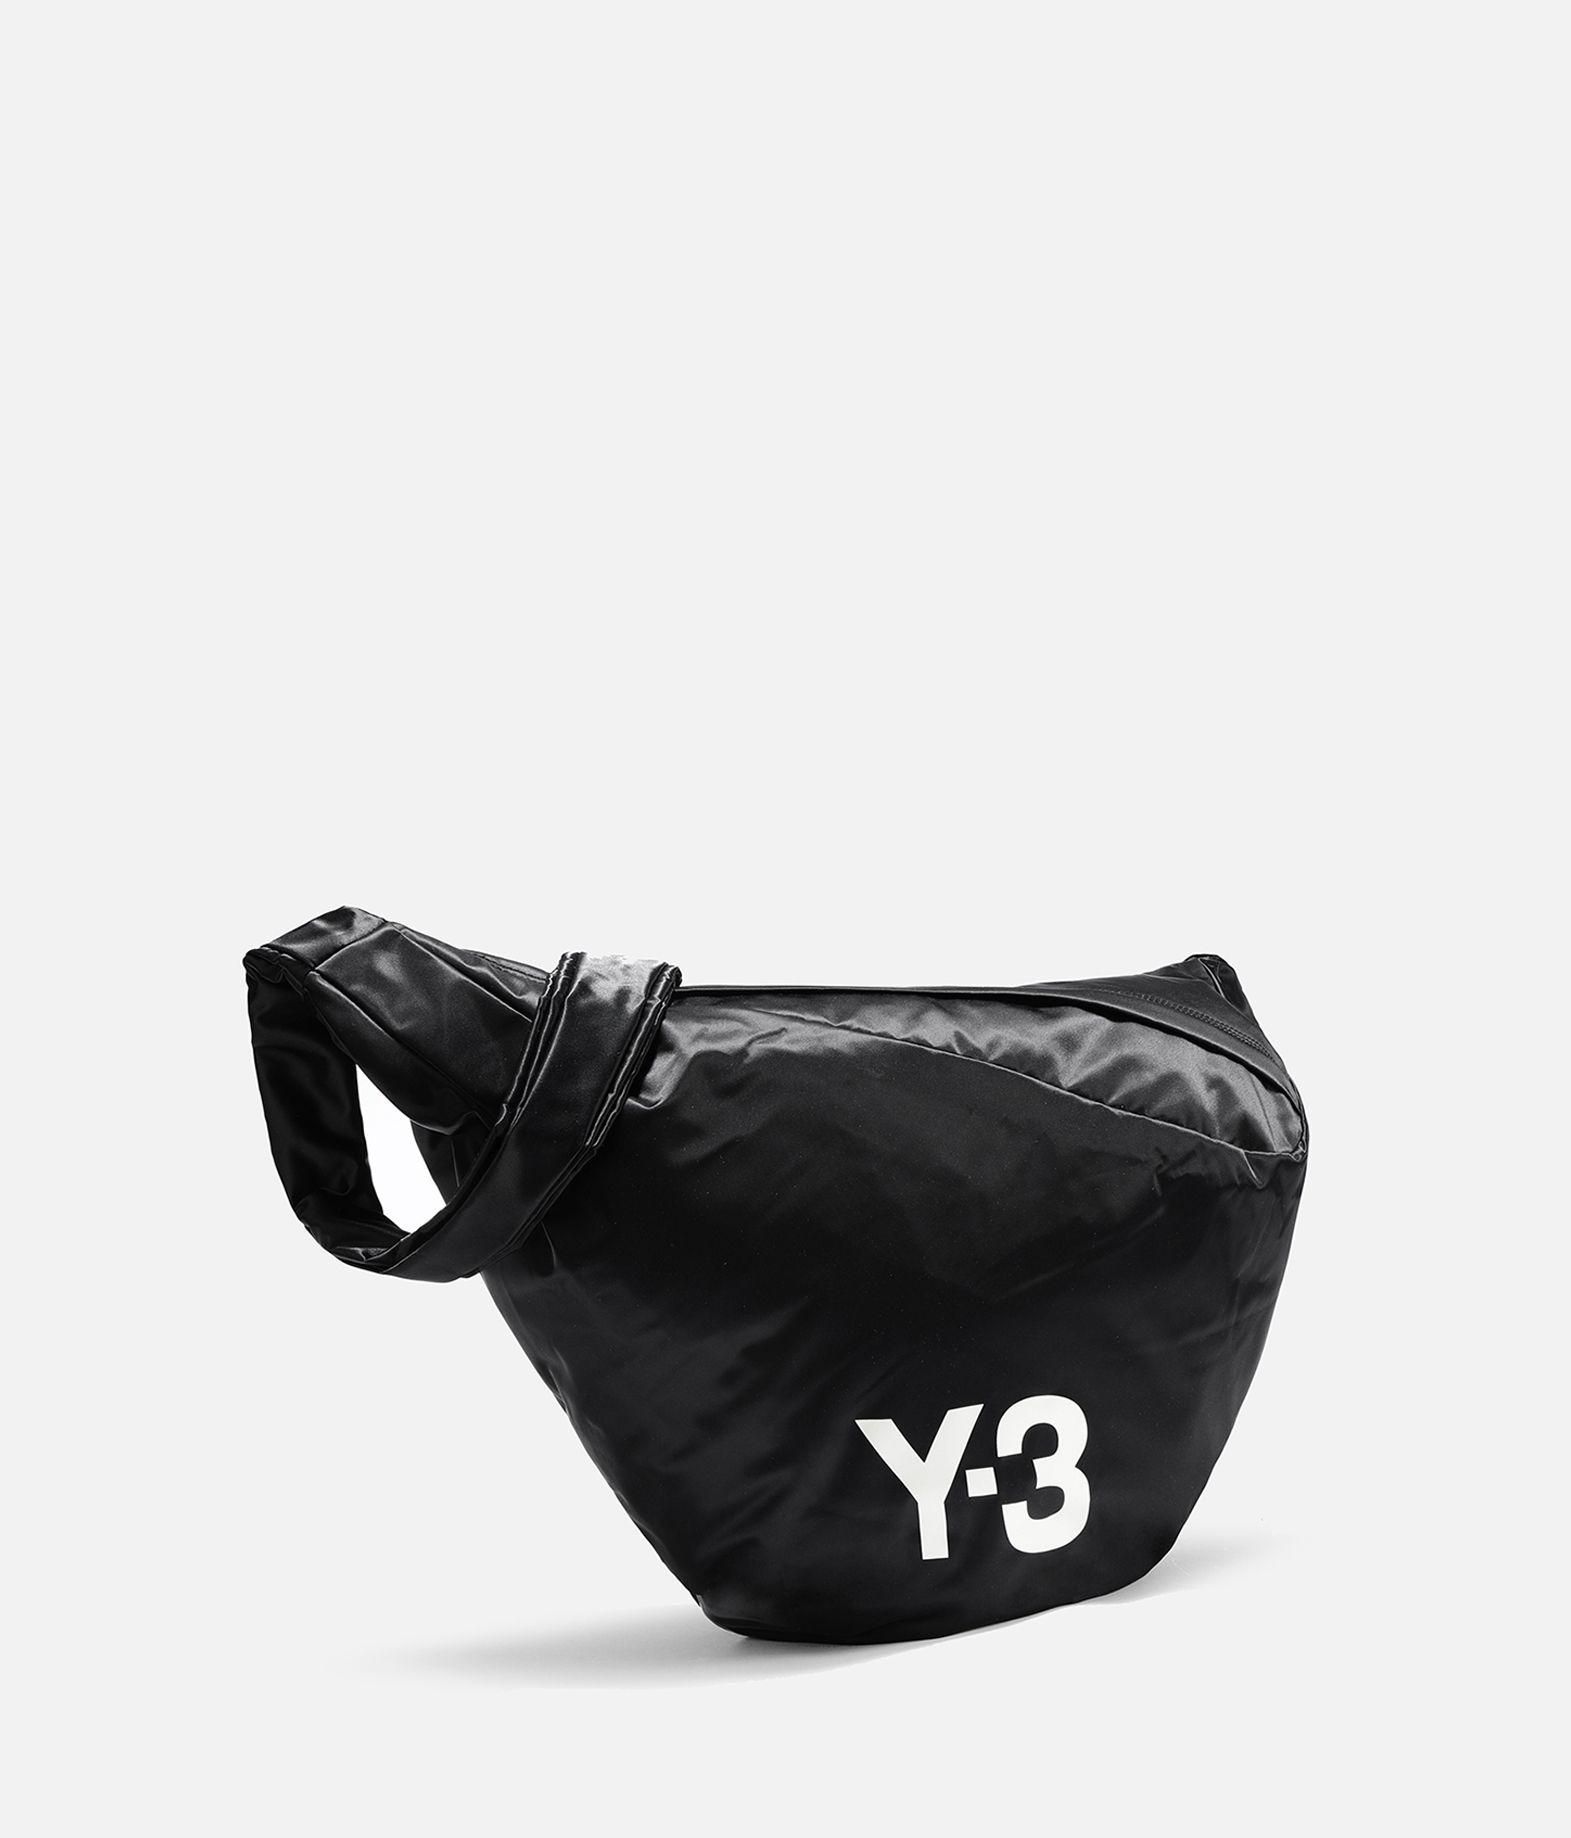 Y-3 Y-3 Sneaker Bag Bag E d